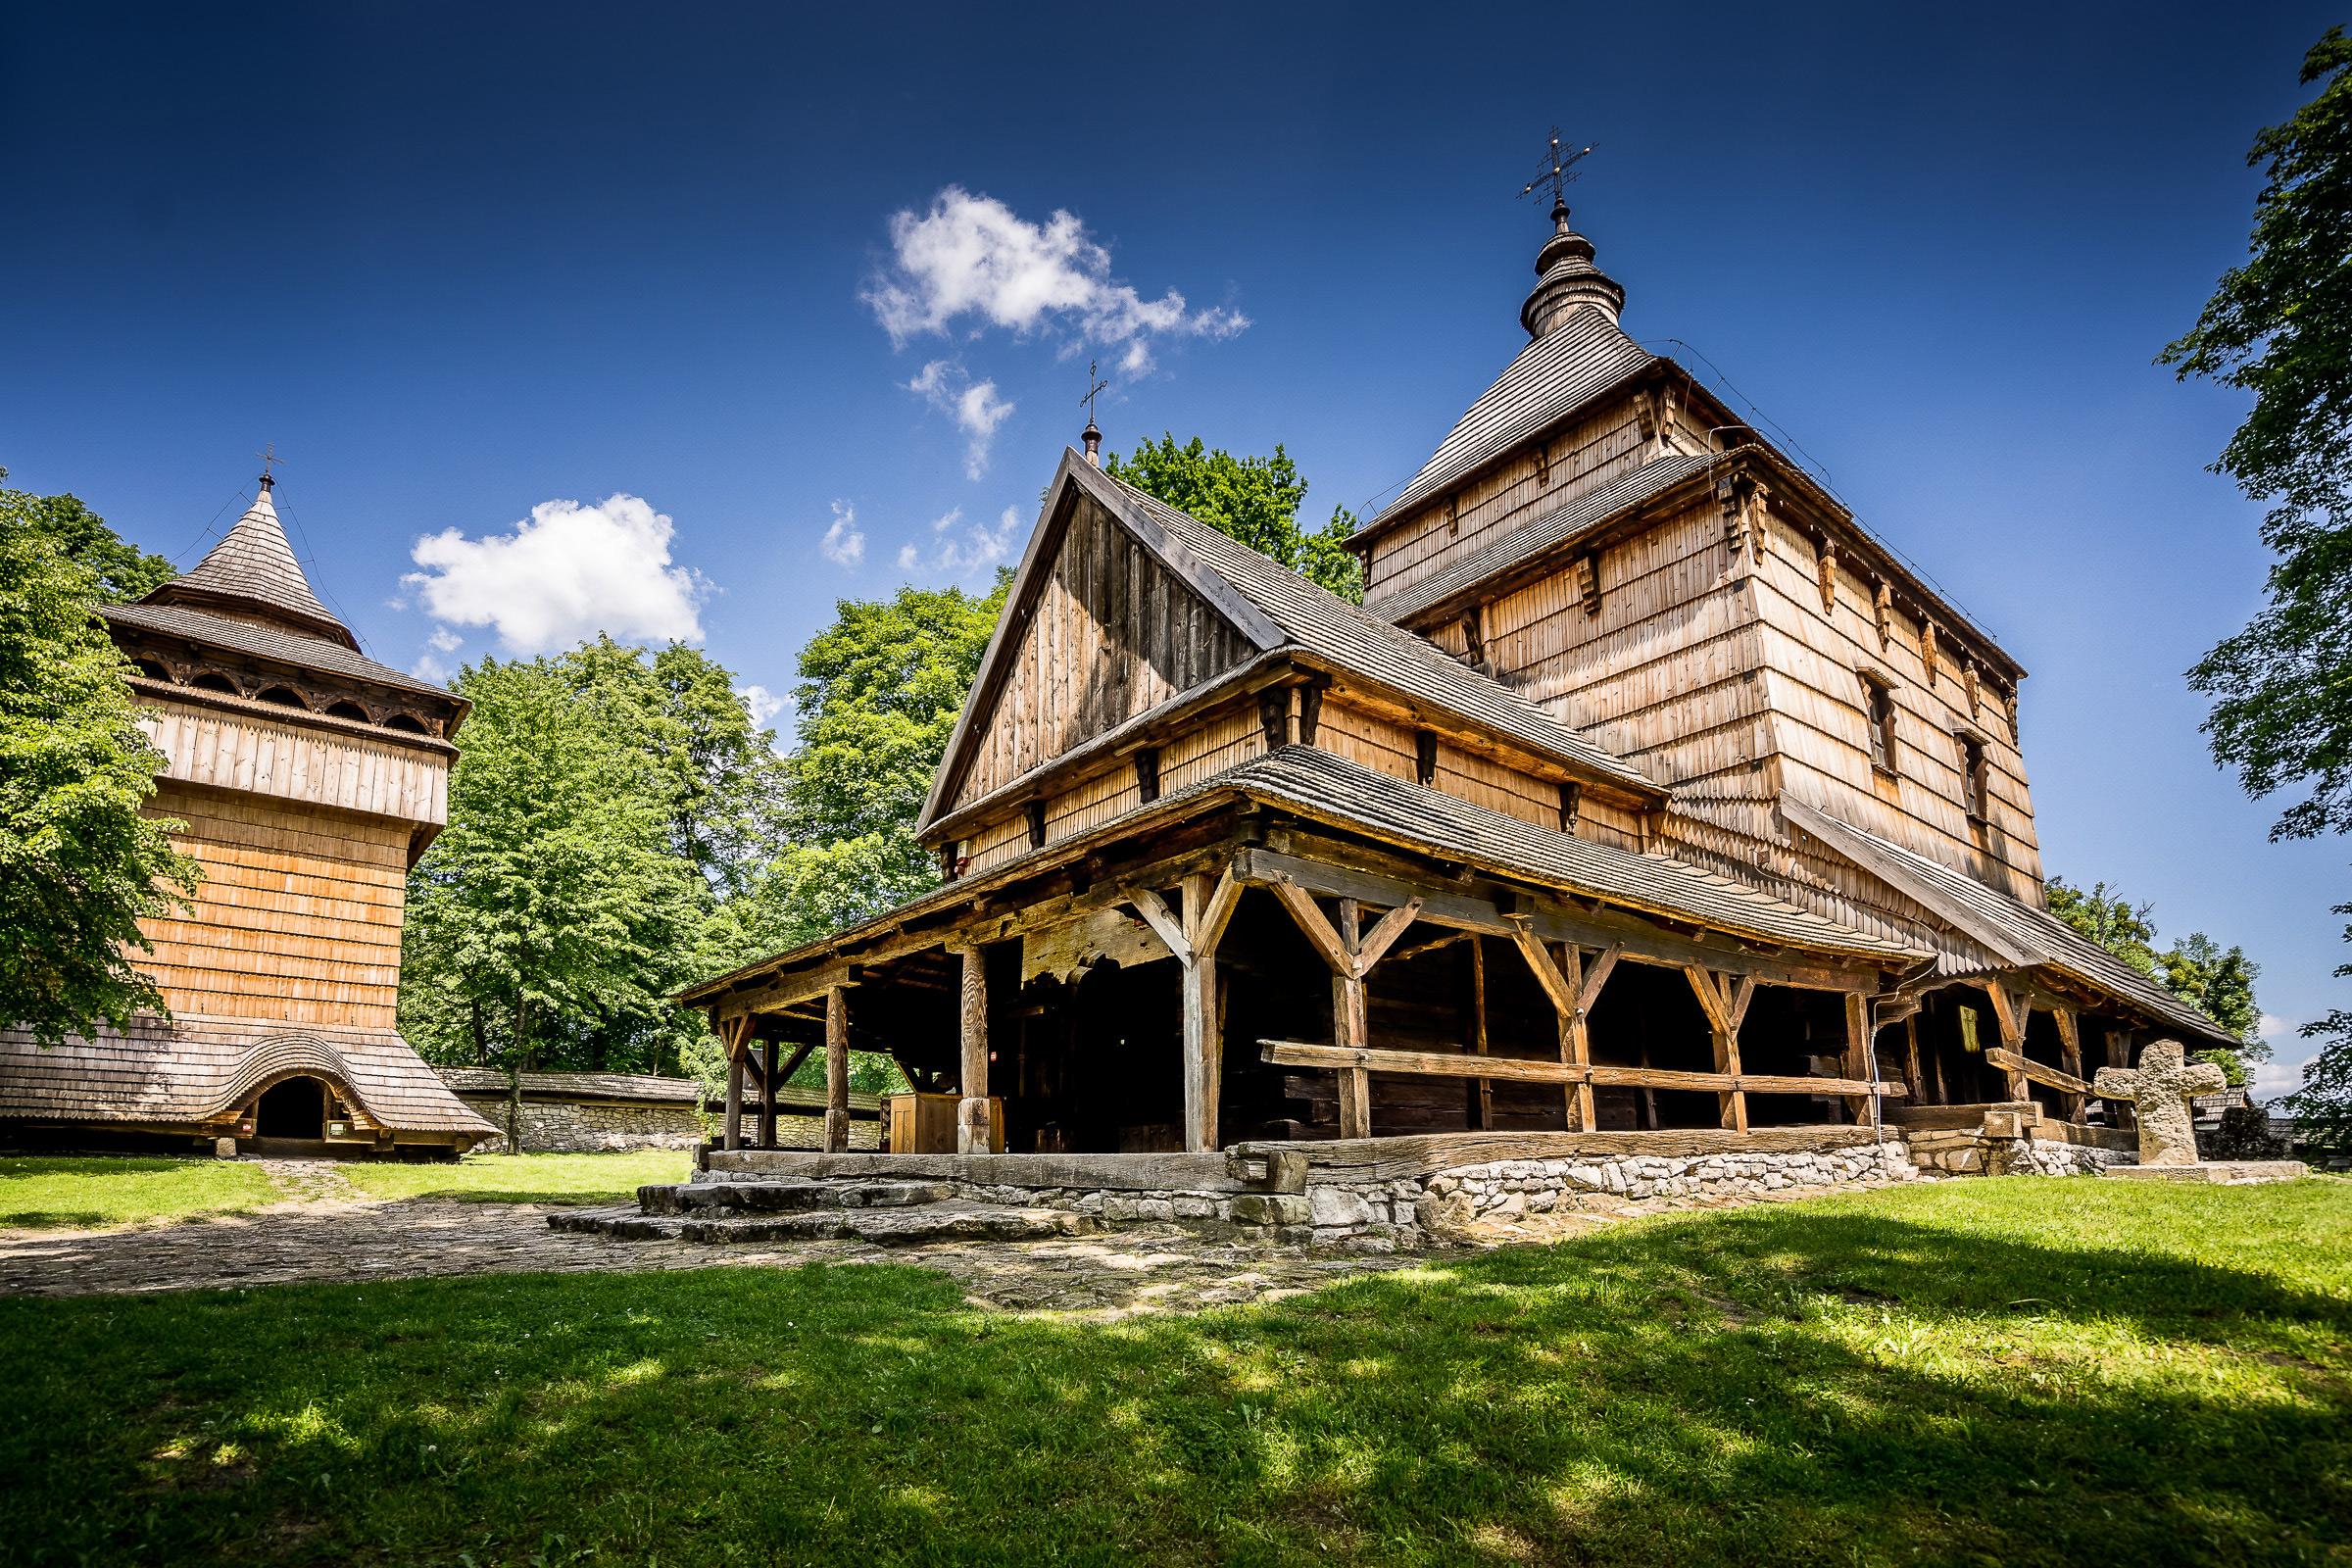 Drewniana cerkiew greckokatolicka pw. św. Paraskewy w Radrużu. fot. Krzysztof Zajączkowski